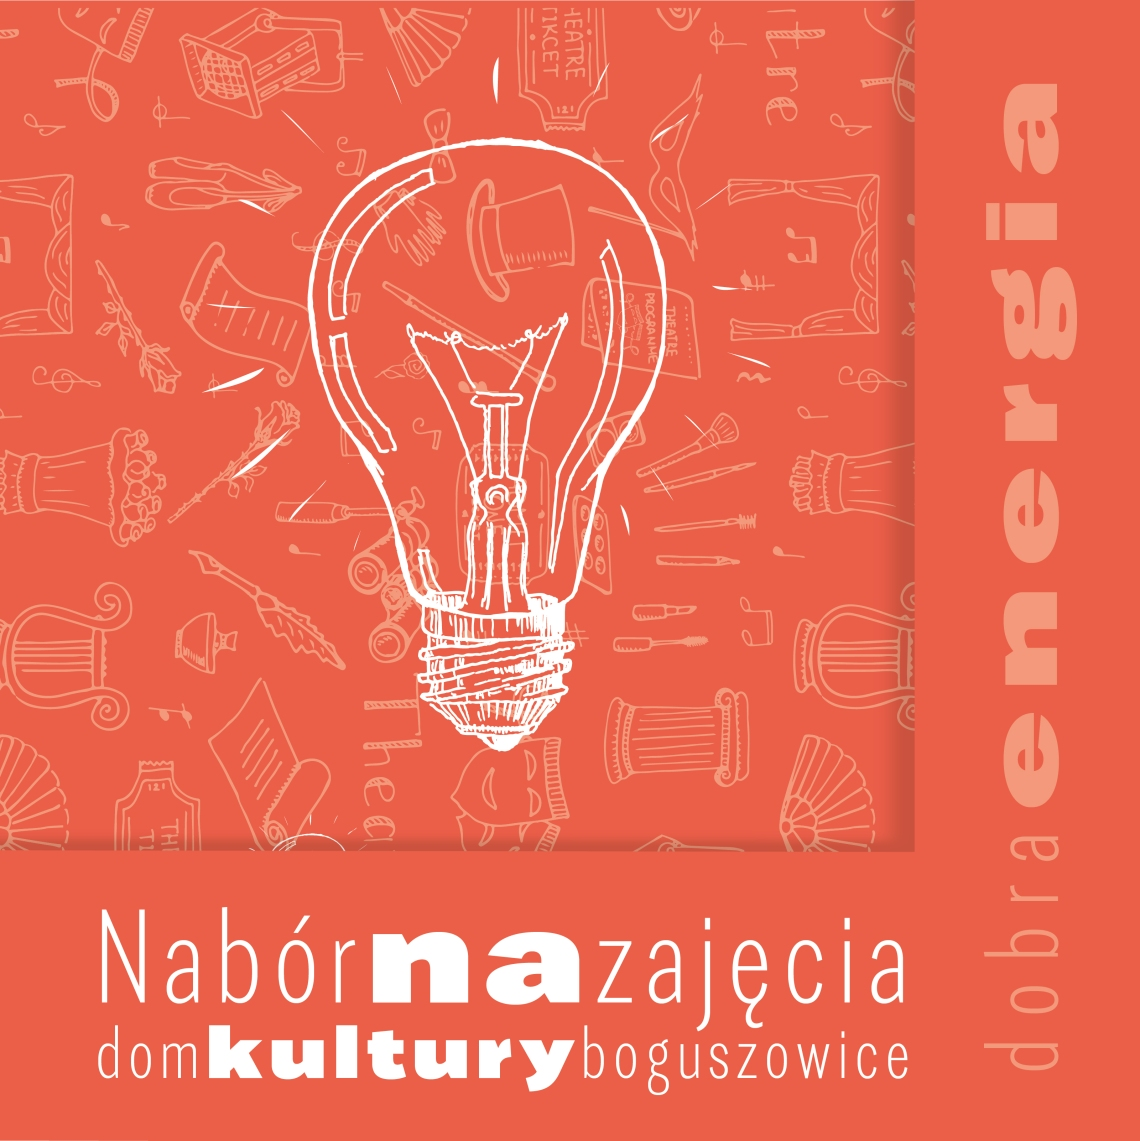 Ulotki_nabor_zajeciowy_2019-2020-04